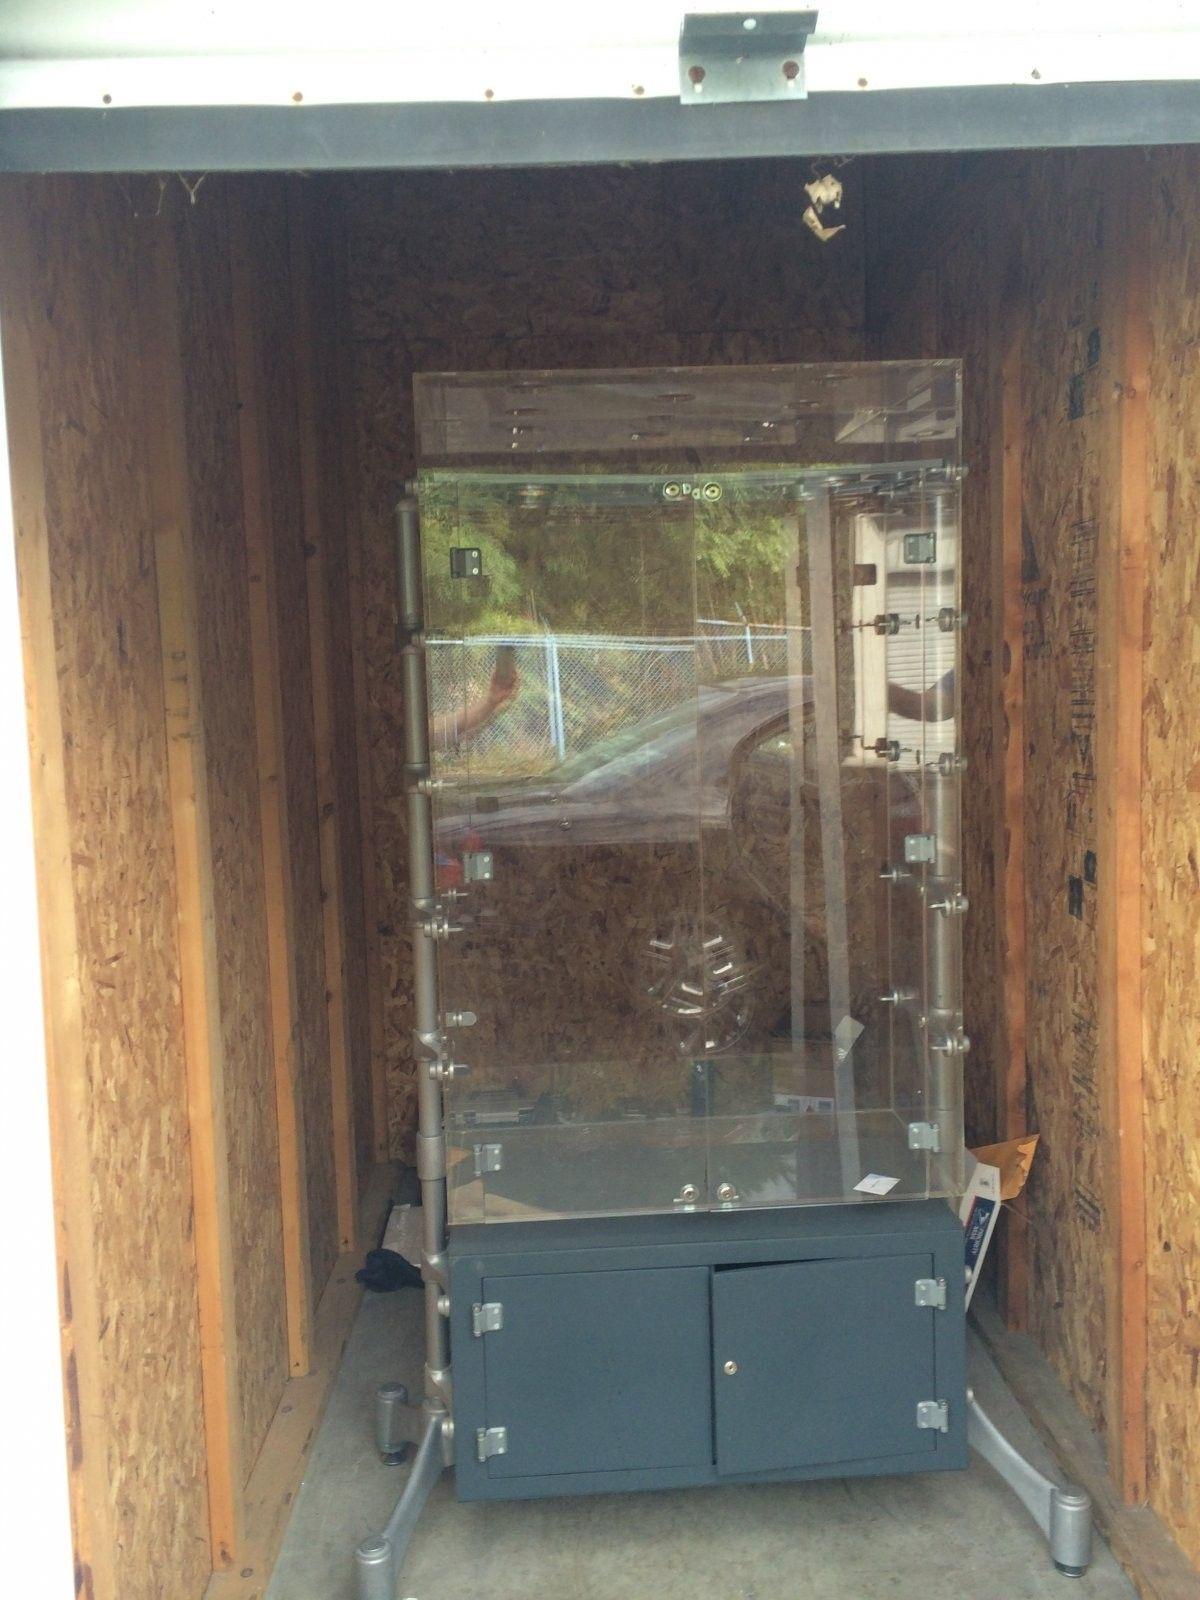 My Display Case! - image.jpg